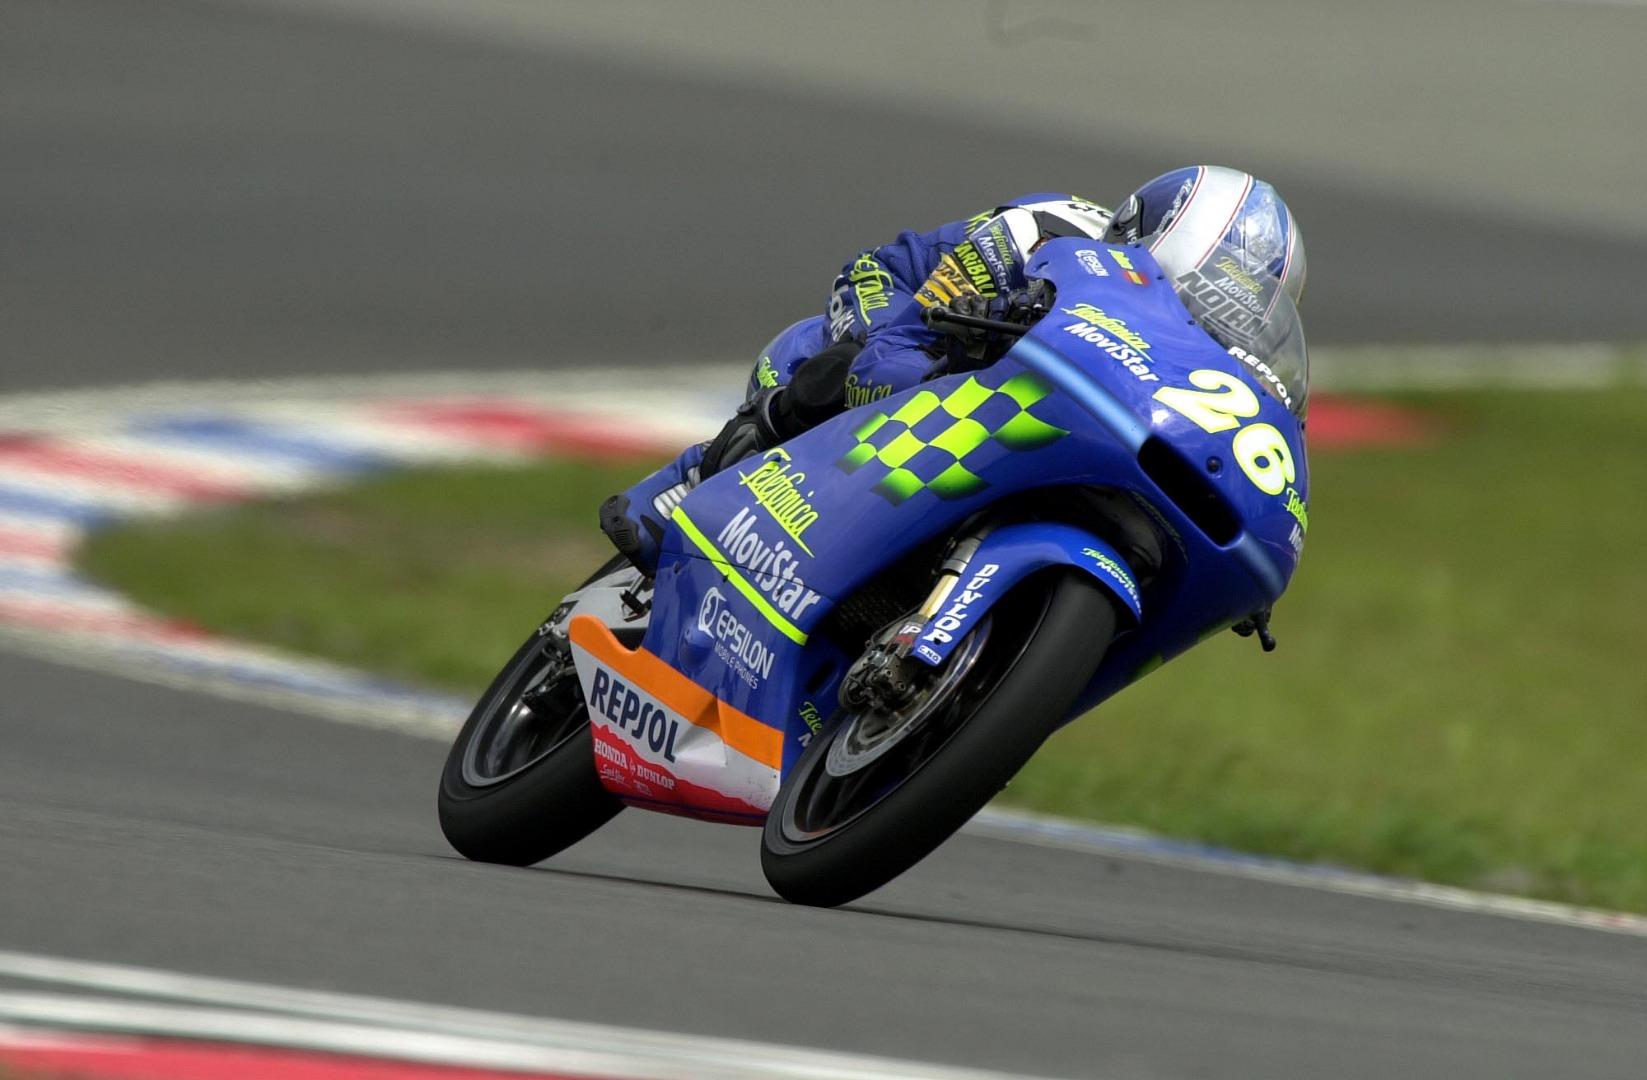 Grandes momentos de Dani Pedrosa en MotoGP